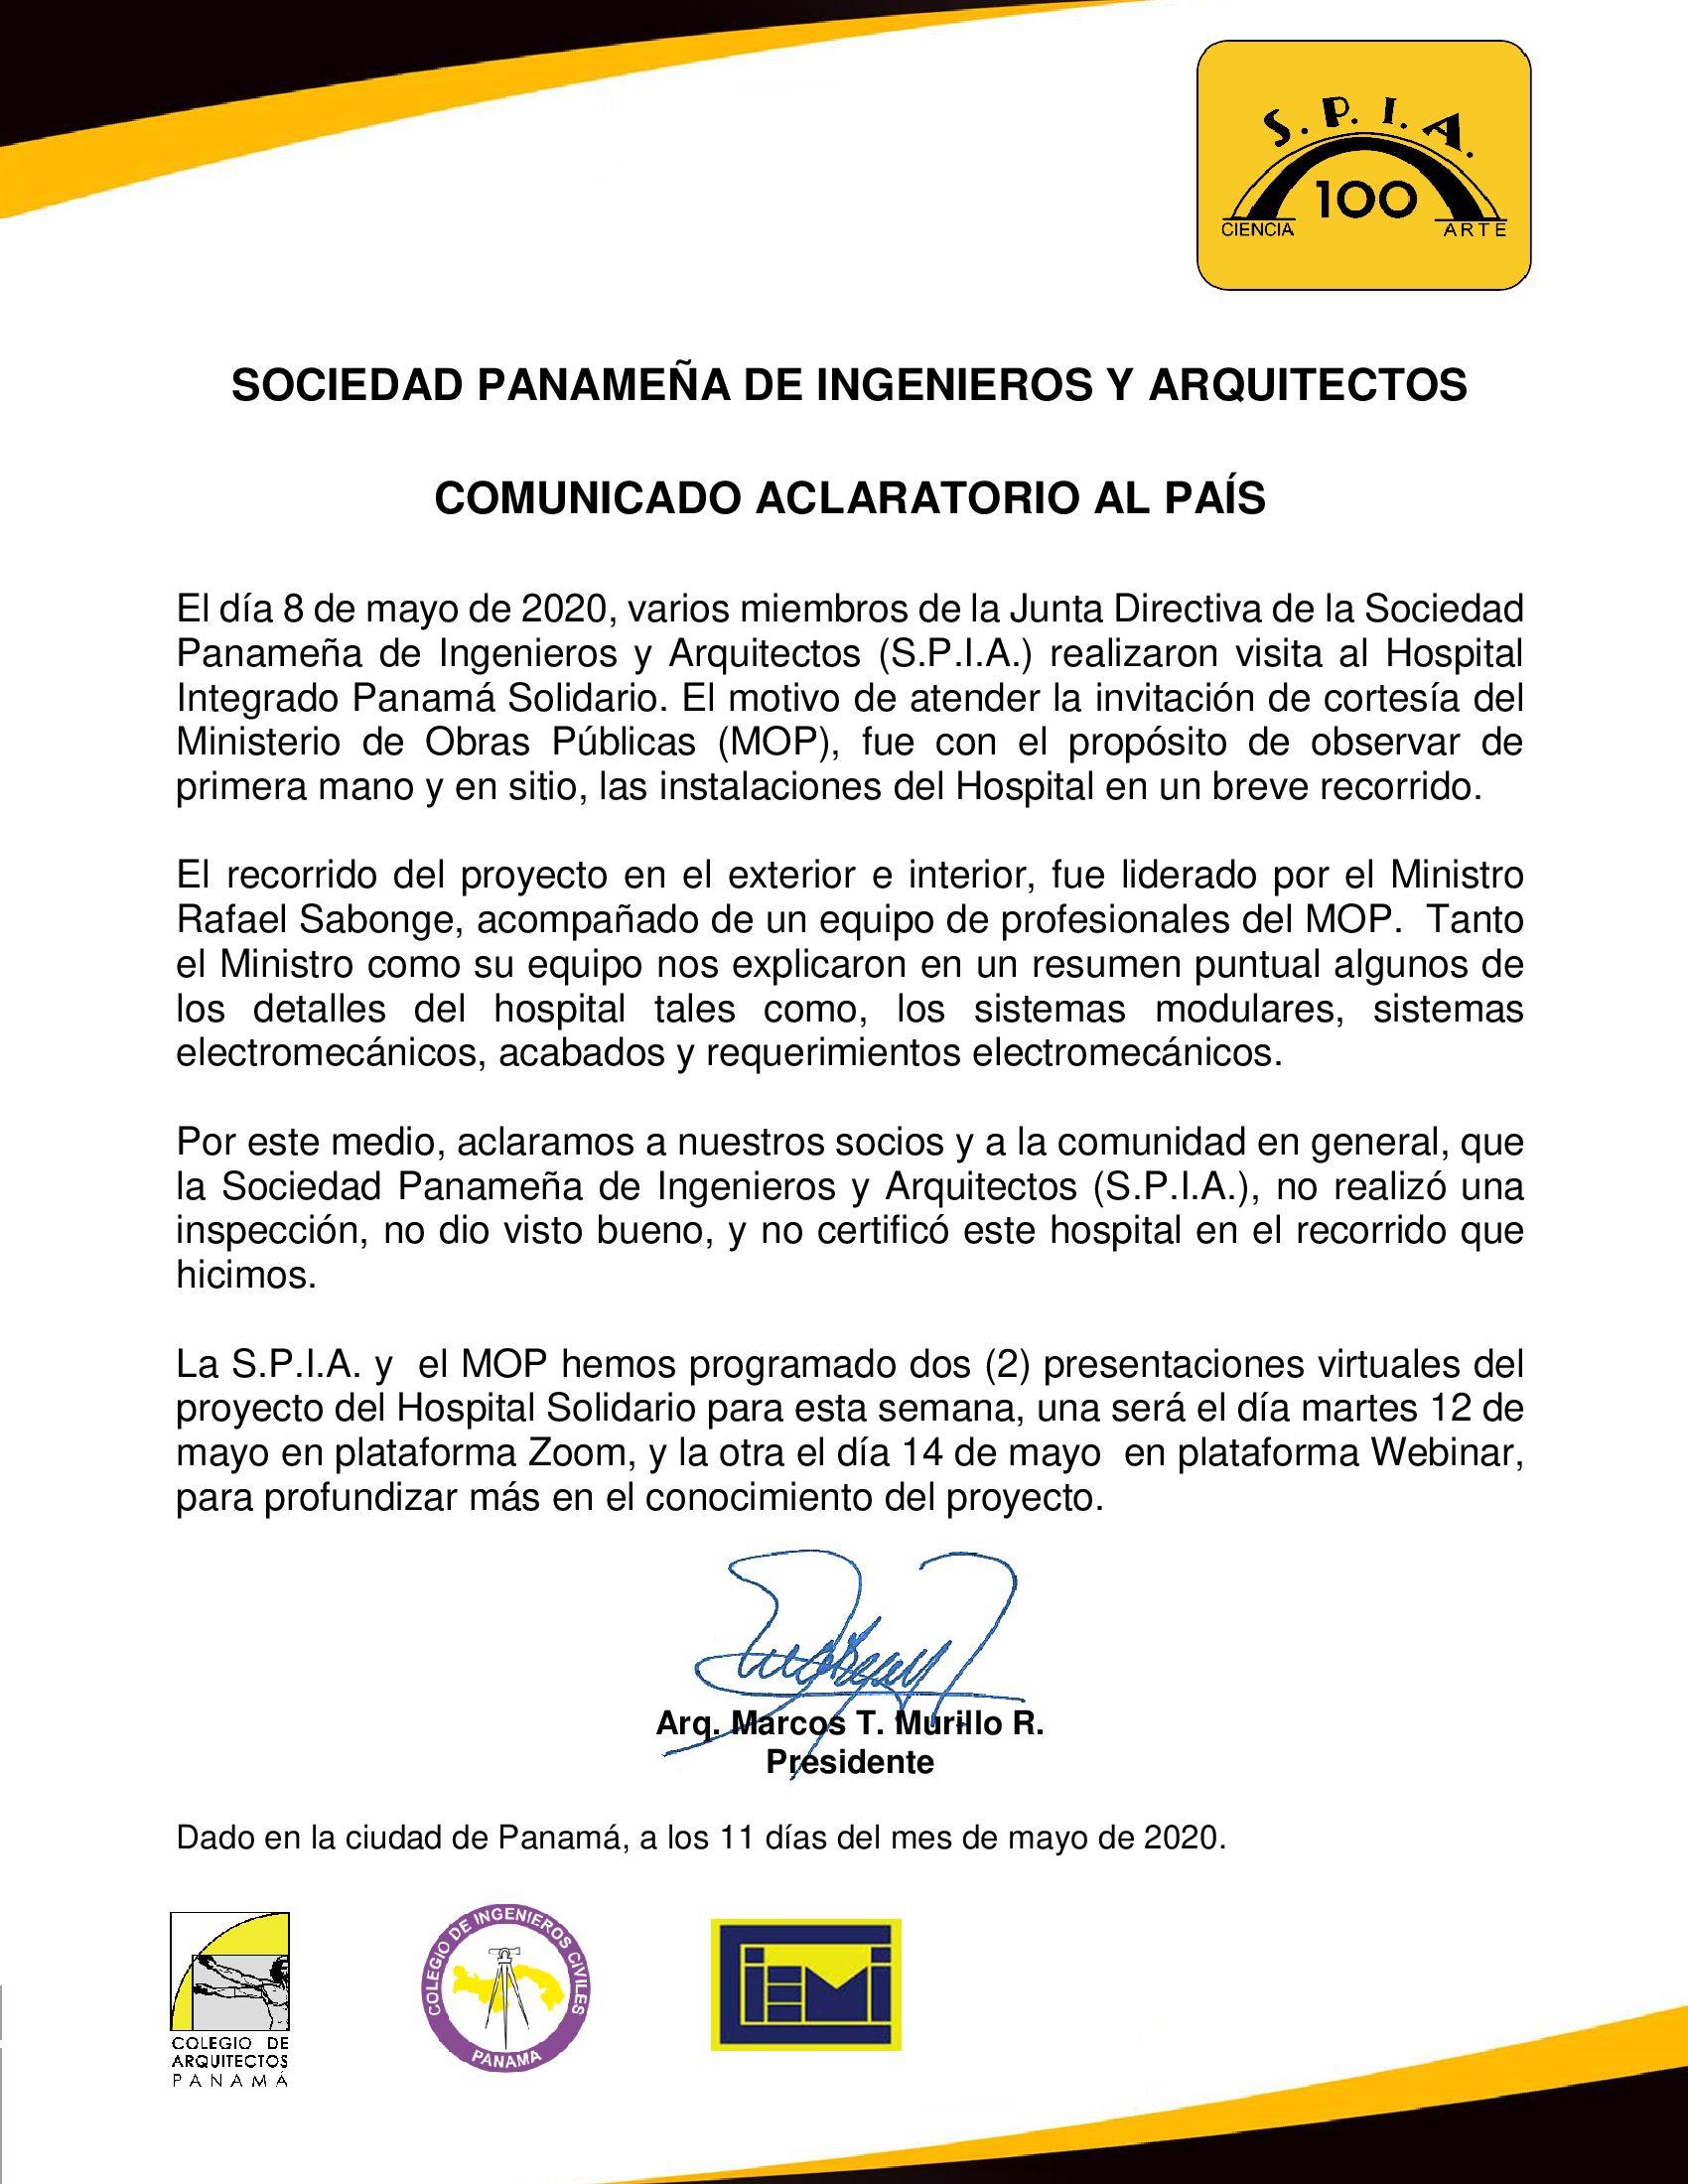 COMUNICADO-ACLARATORIO-AL-PAÍS-HOSPITAL-PANAMÁ-SOLIDARIO-11-MAYO